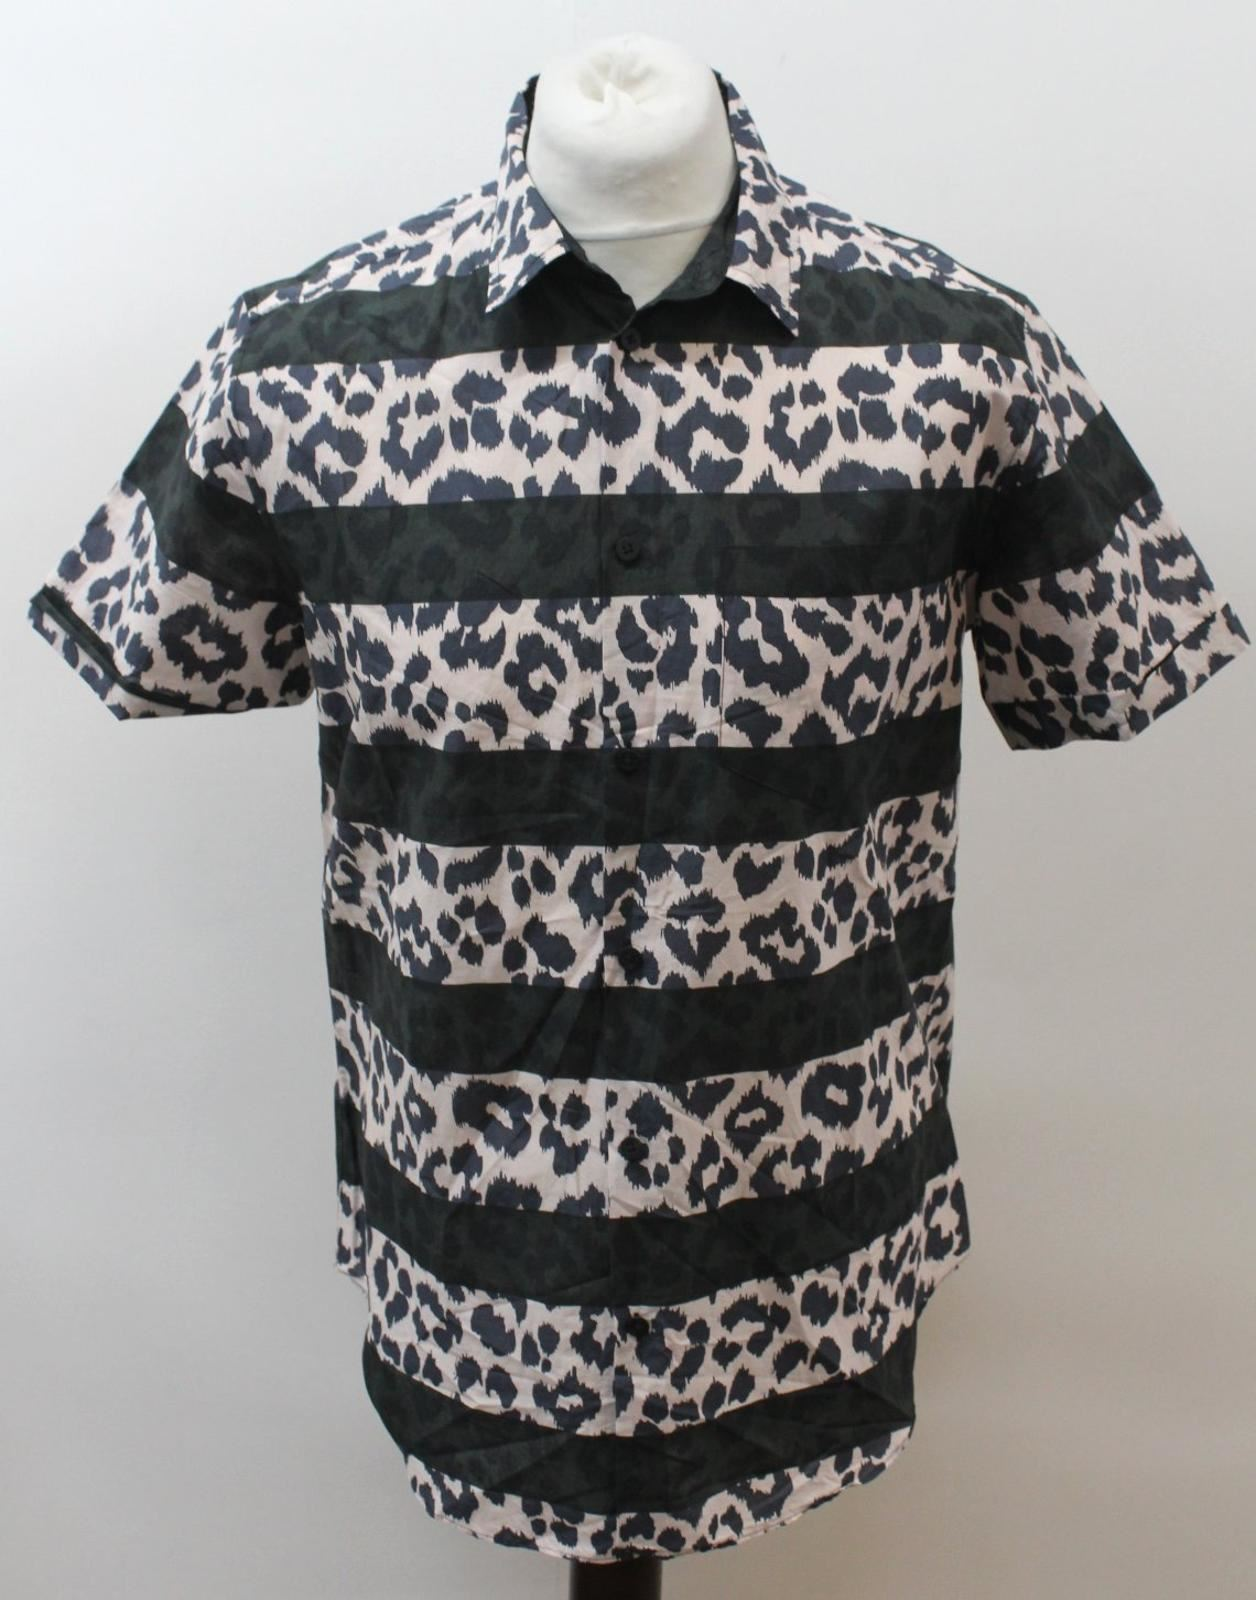 MARC BY MARC JACOBS Men's Beige Black Cotton Leopard Print Stripe Casual Shirt M